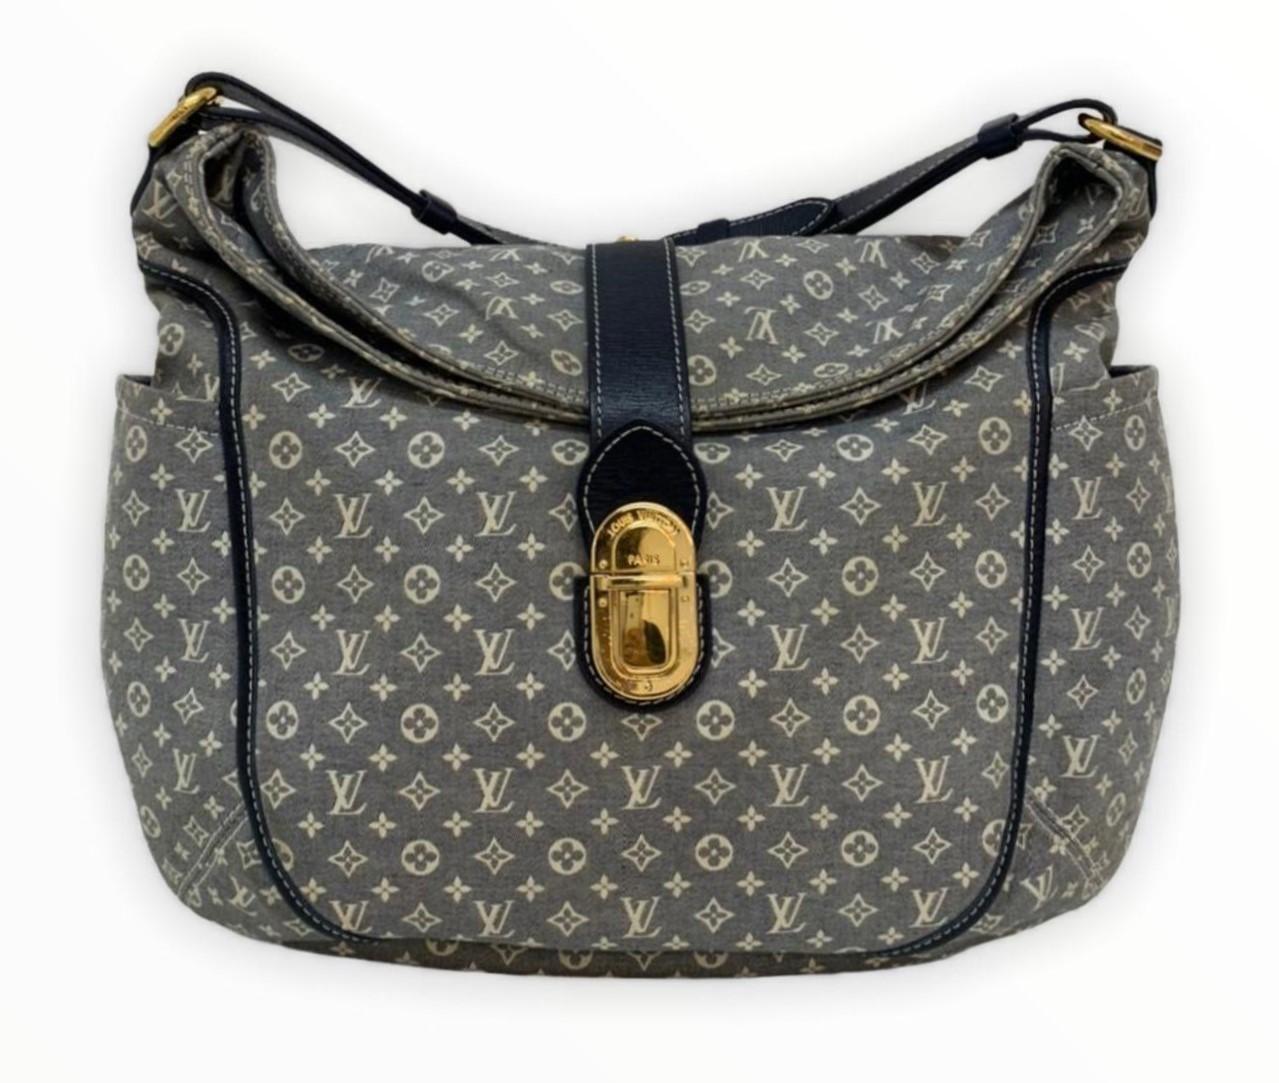 Bolsa Louis Vuitton Idylle Romance Hobo